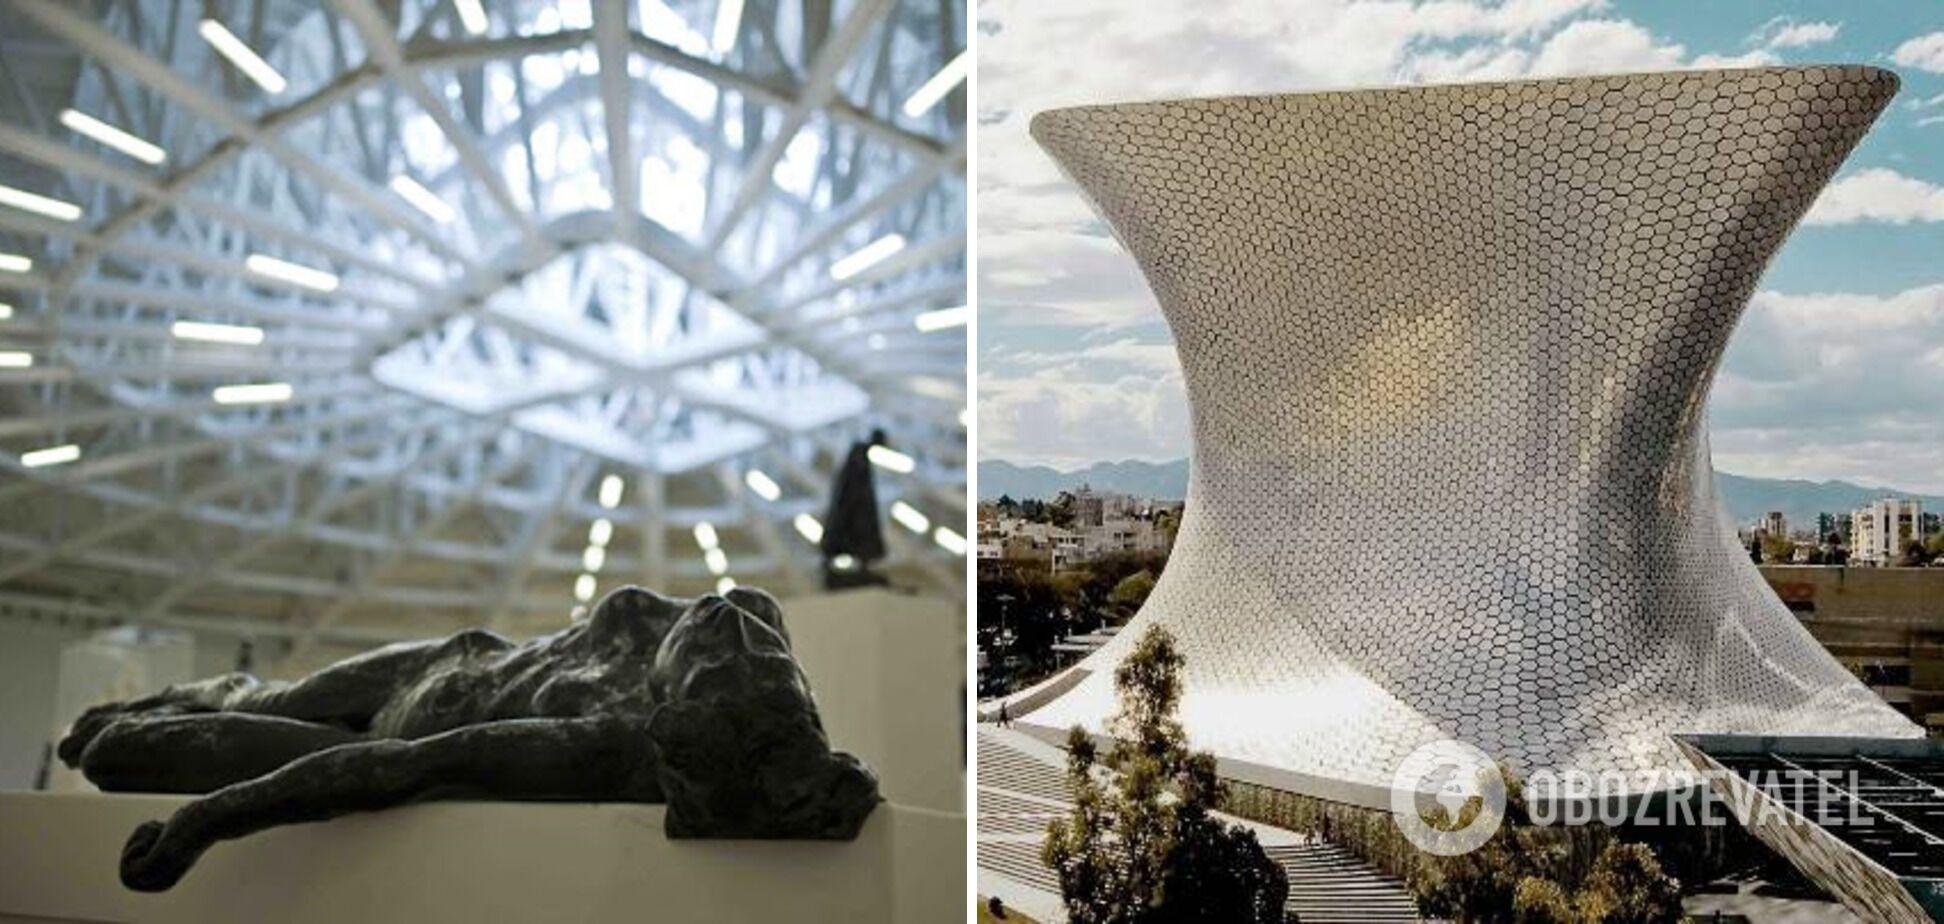 Мексиканский музей сочетает космическую архитектуру и редкие экспонаты.